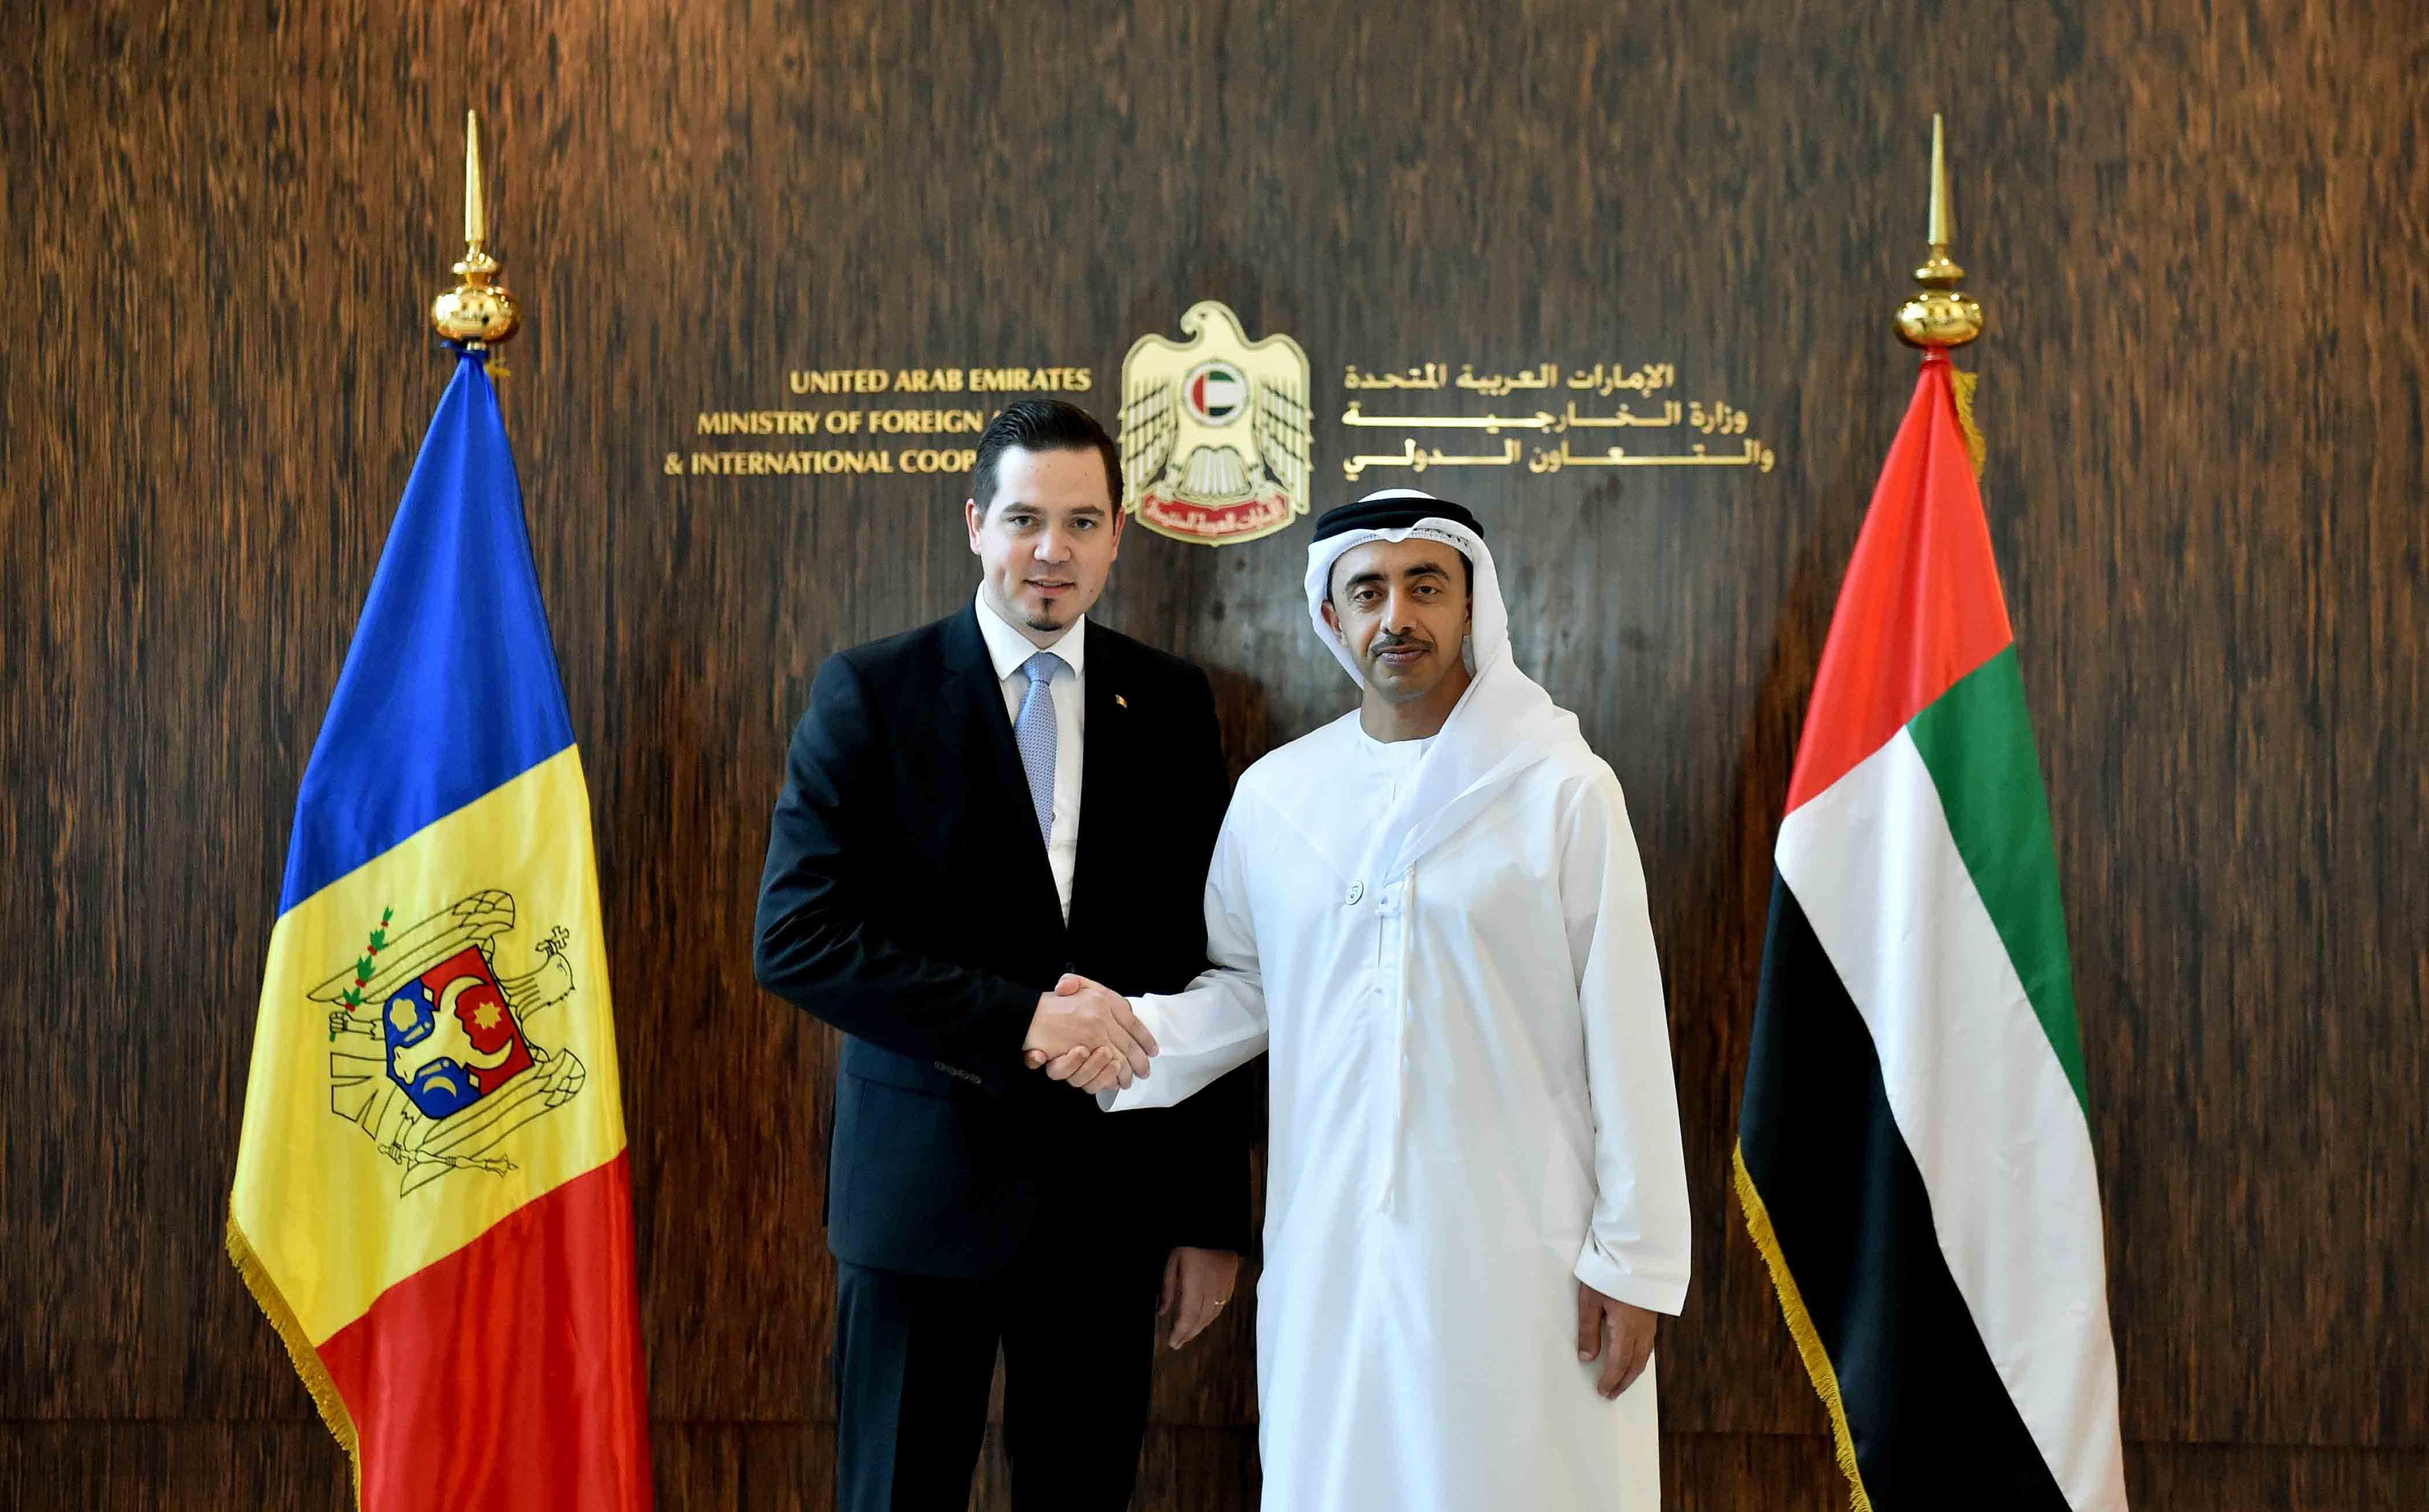 عبدالله بن زايد يستقبل وزير الخارجية والتكامل الأوروبي المولدوفي